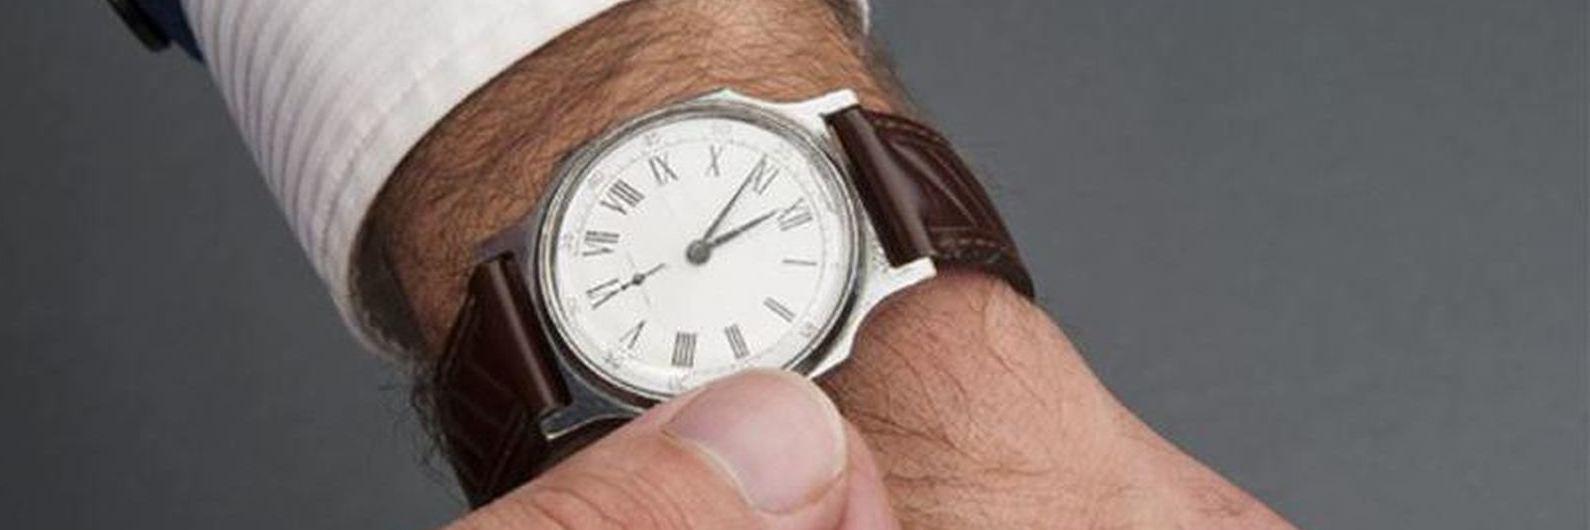 Oh tempo, volta para trás. Relógios atrasam 60 minutos para a hora de Inverno